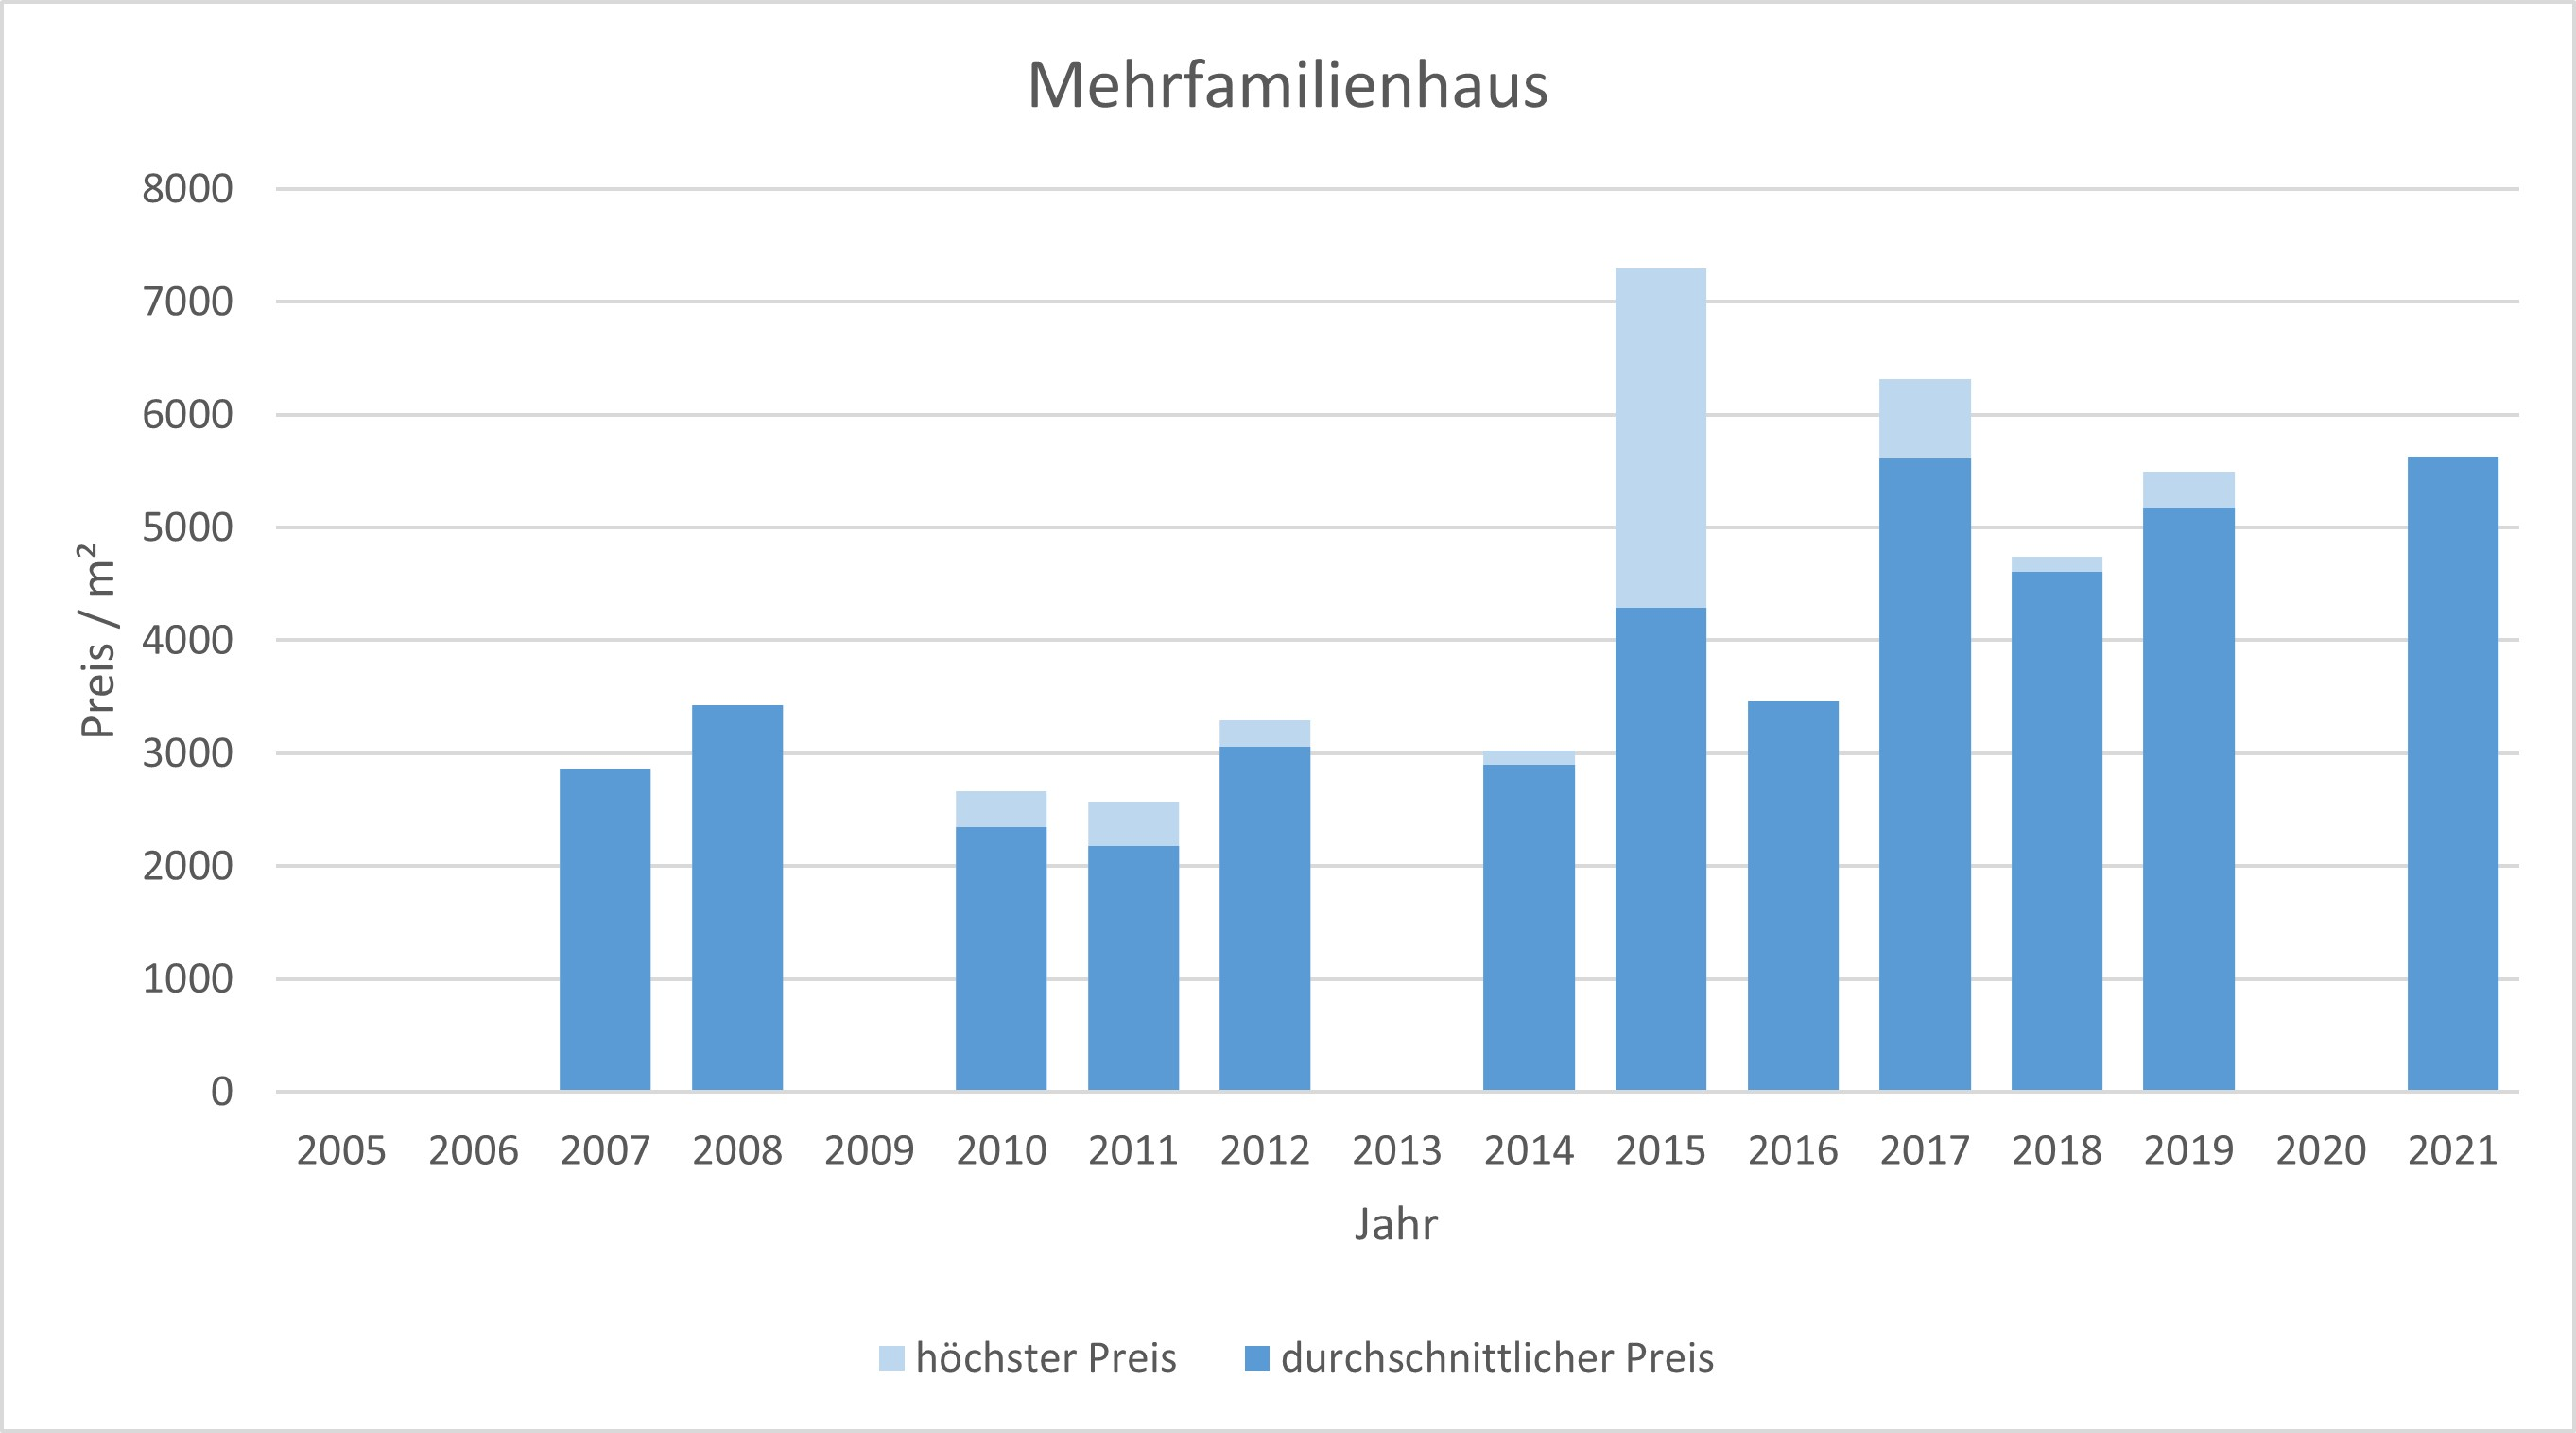 Inning am Ammersee Mehrfamilienhaus kaufen verkaufen Preis Bewertung Makler  2019 2020 2021 www.happy-immo.de